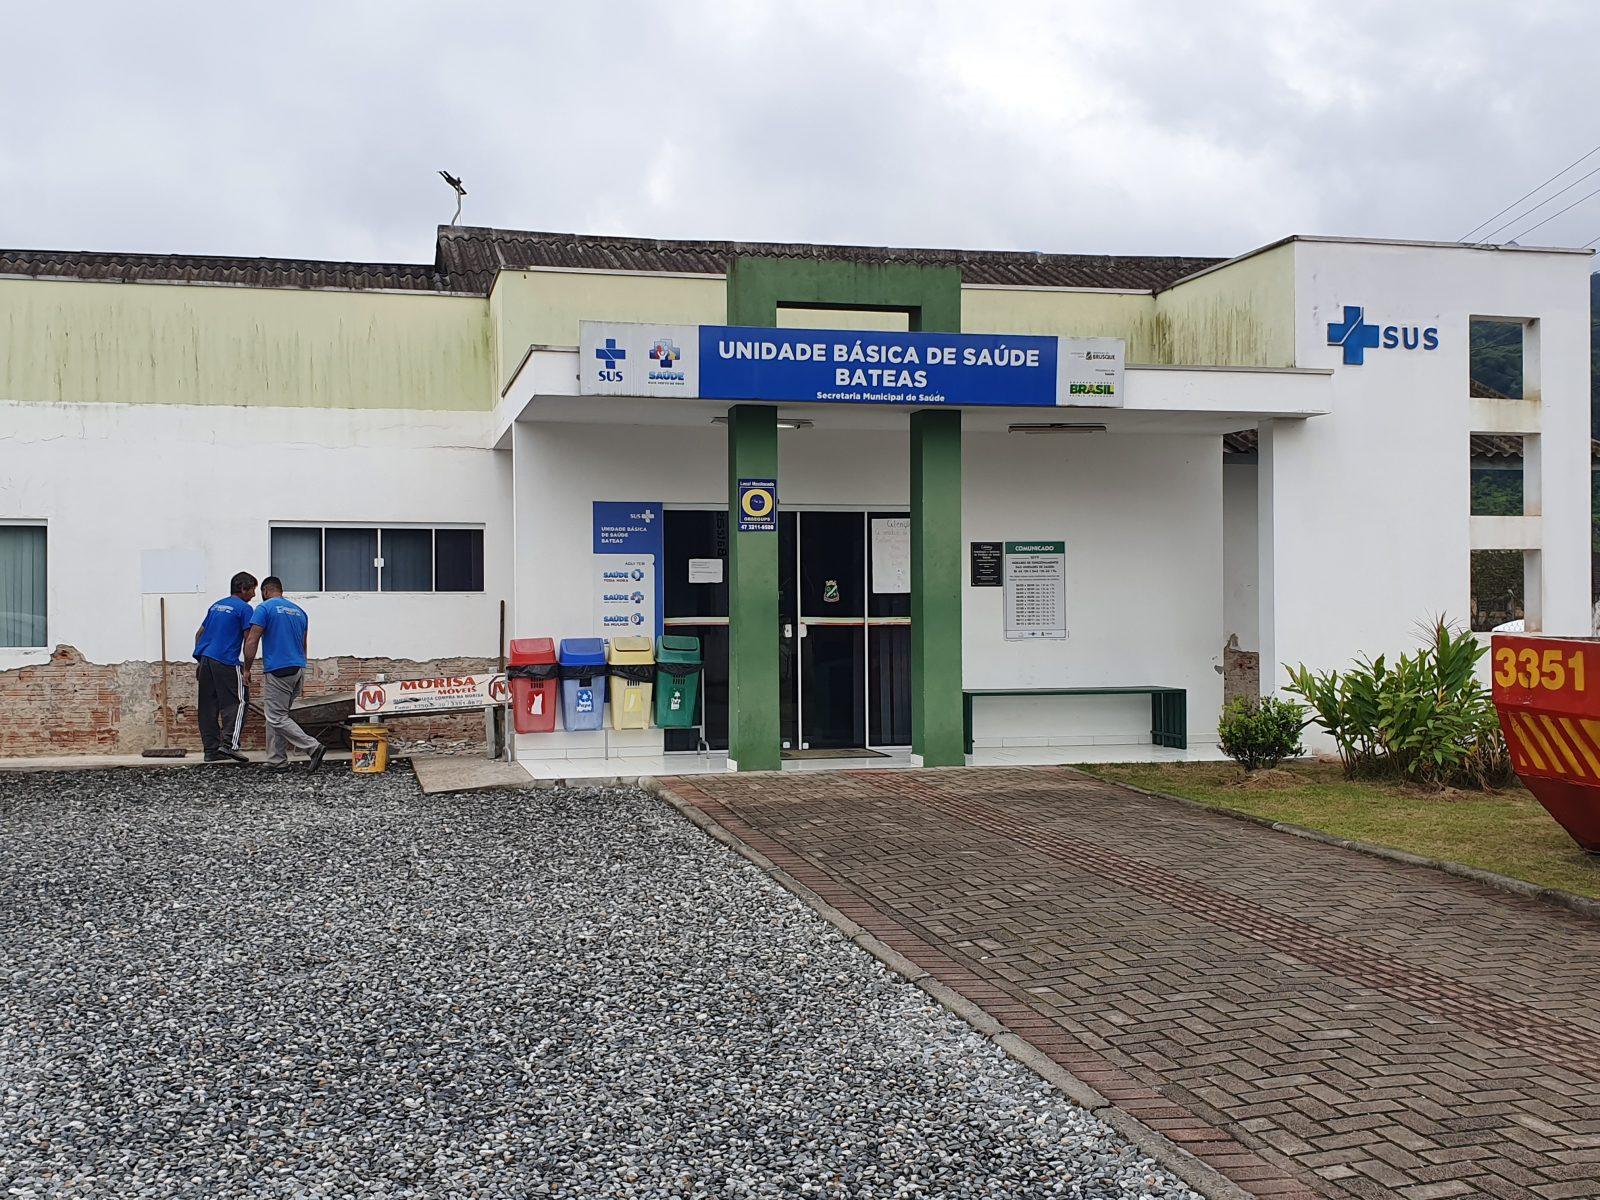 Unidades de Saúde dos bairros Poço Fundo e Bateas estão com horários especiais durante a execução de obras públicas